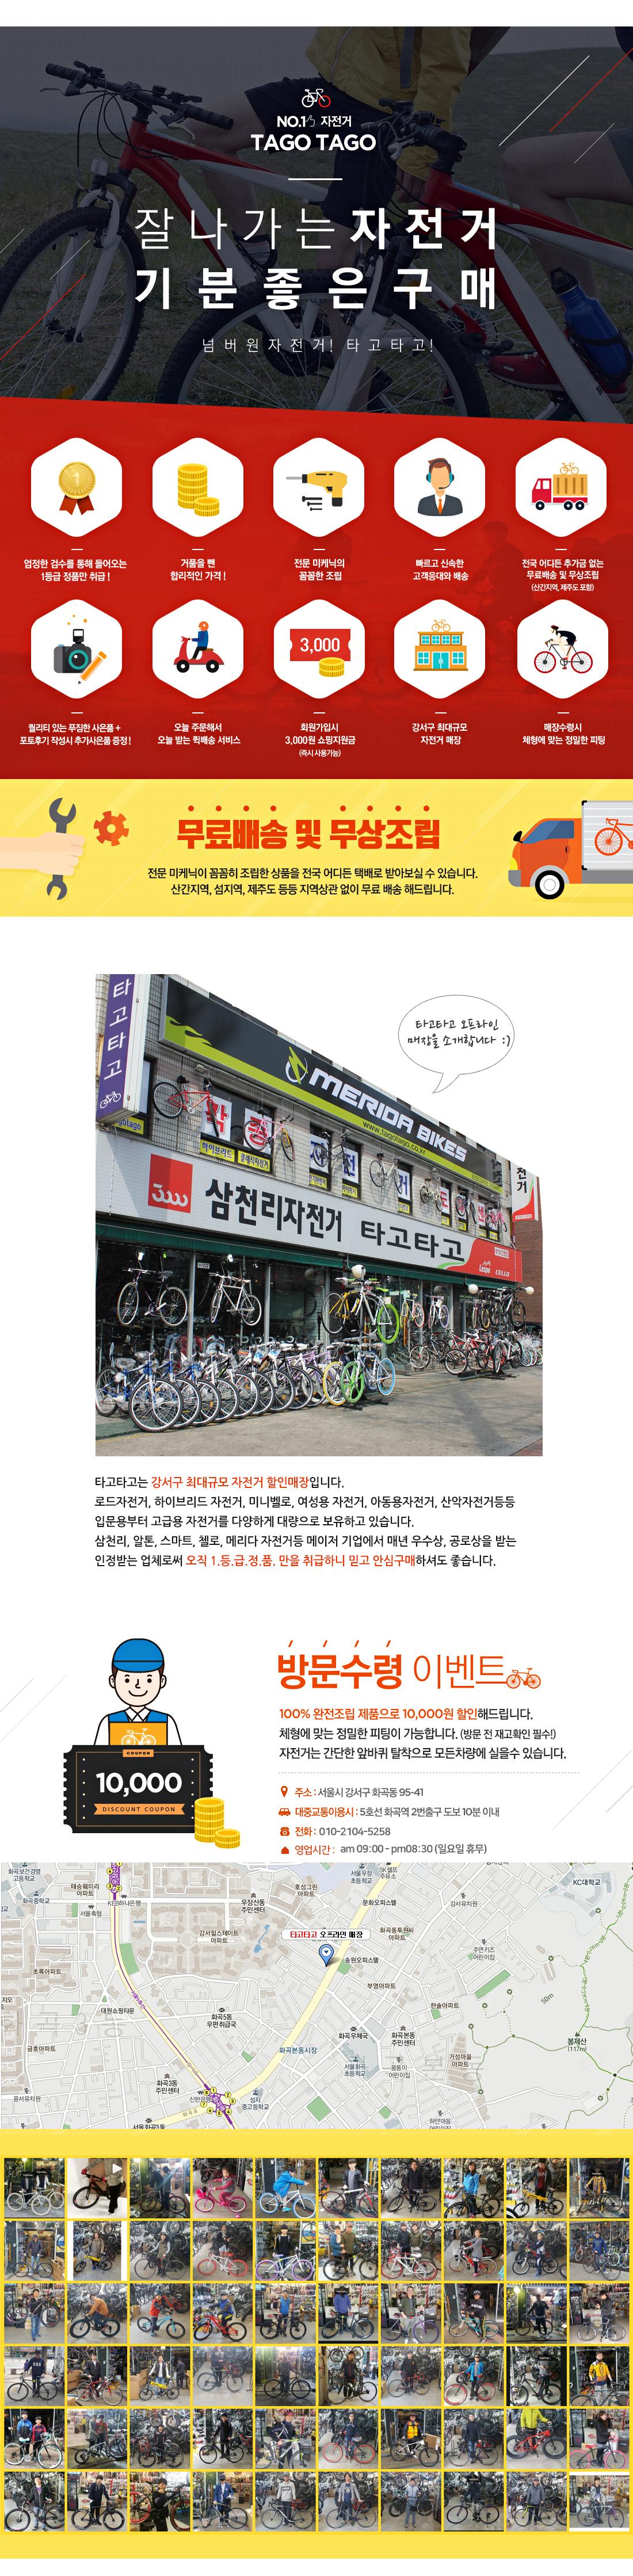 오프라인 매장 소개